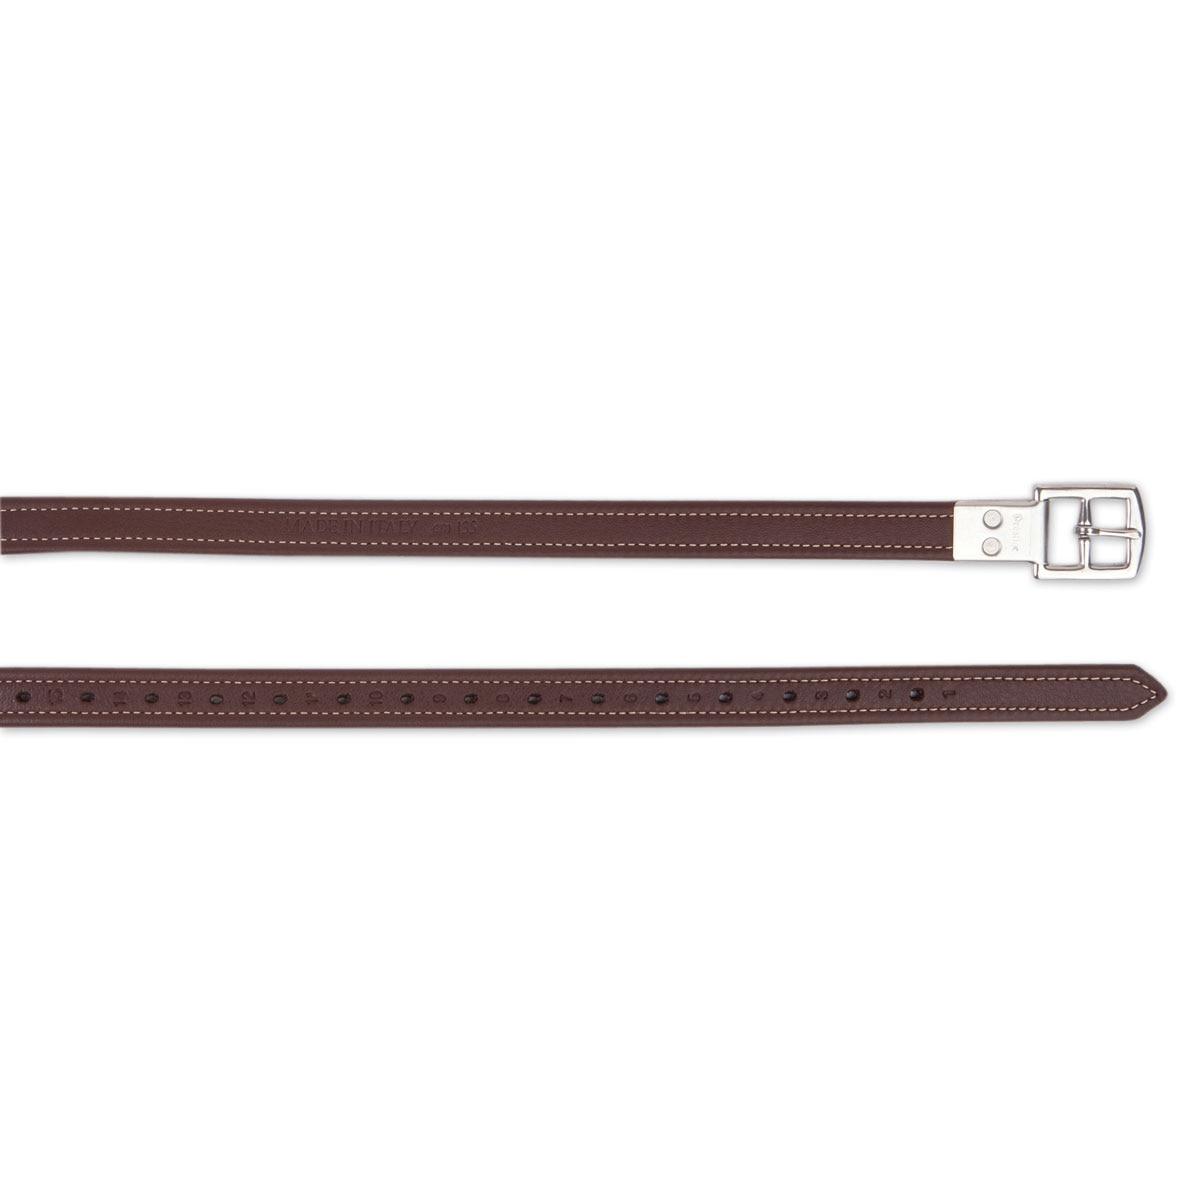 Prestige Stirrup Leathers